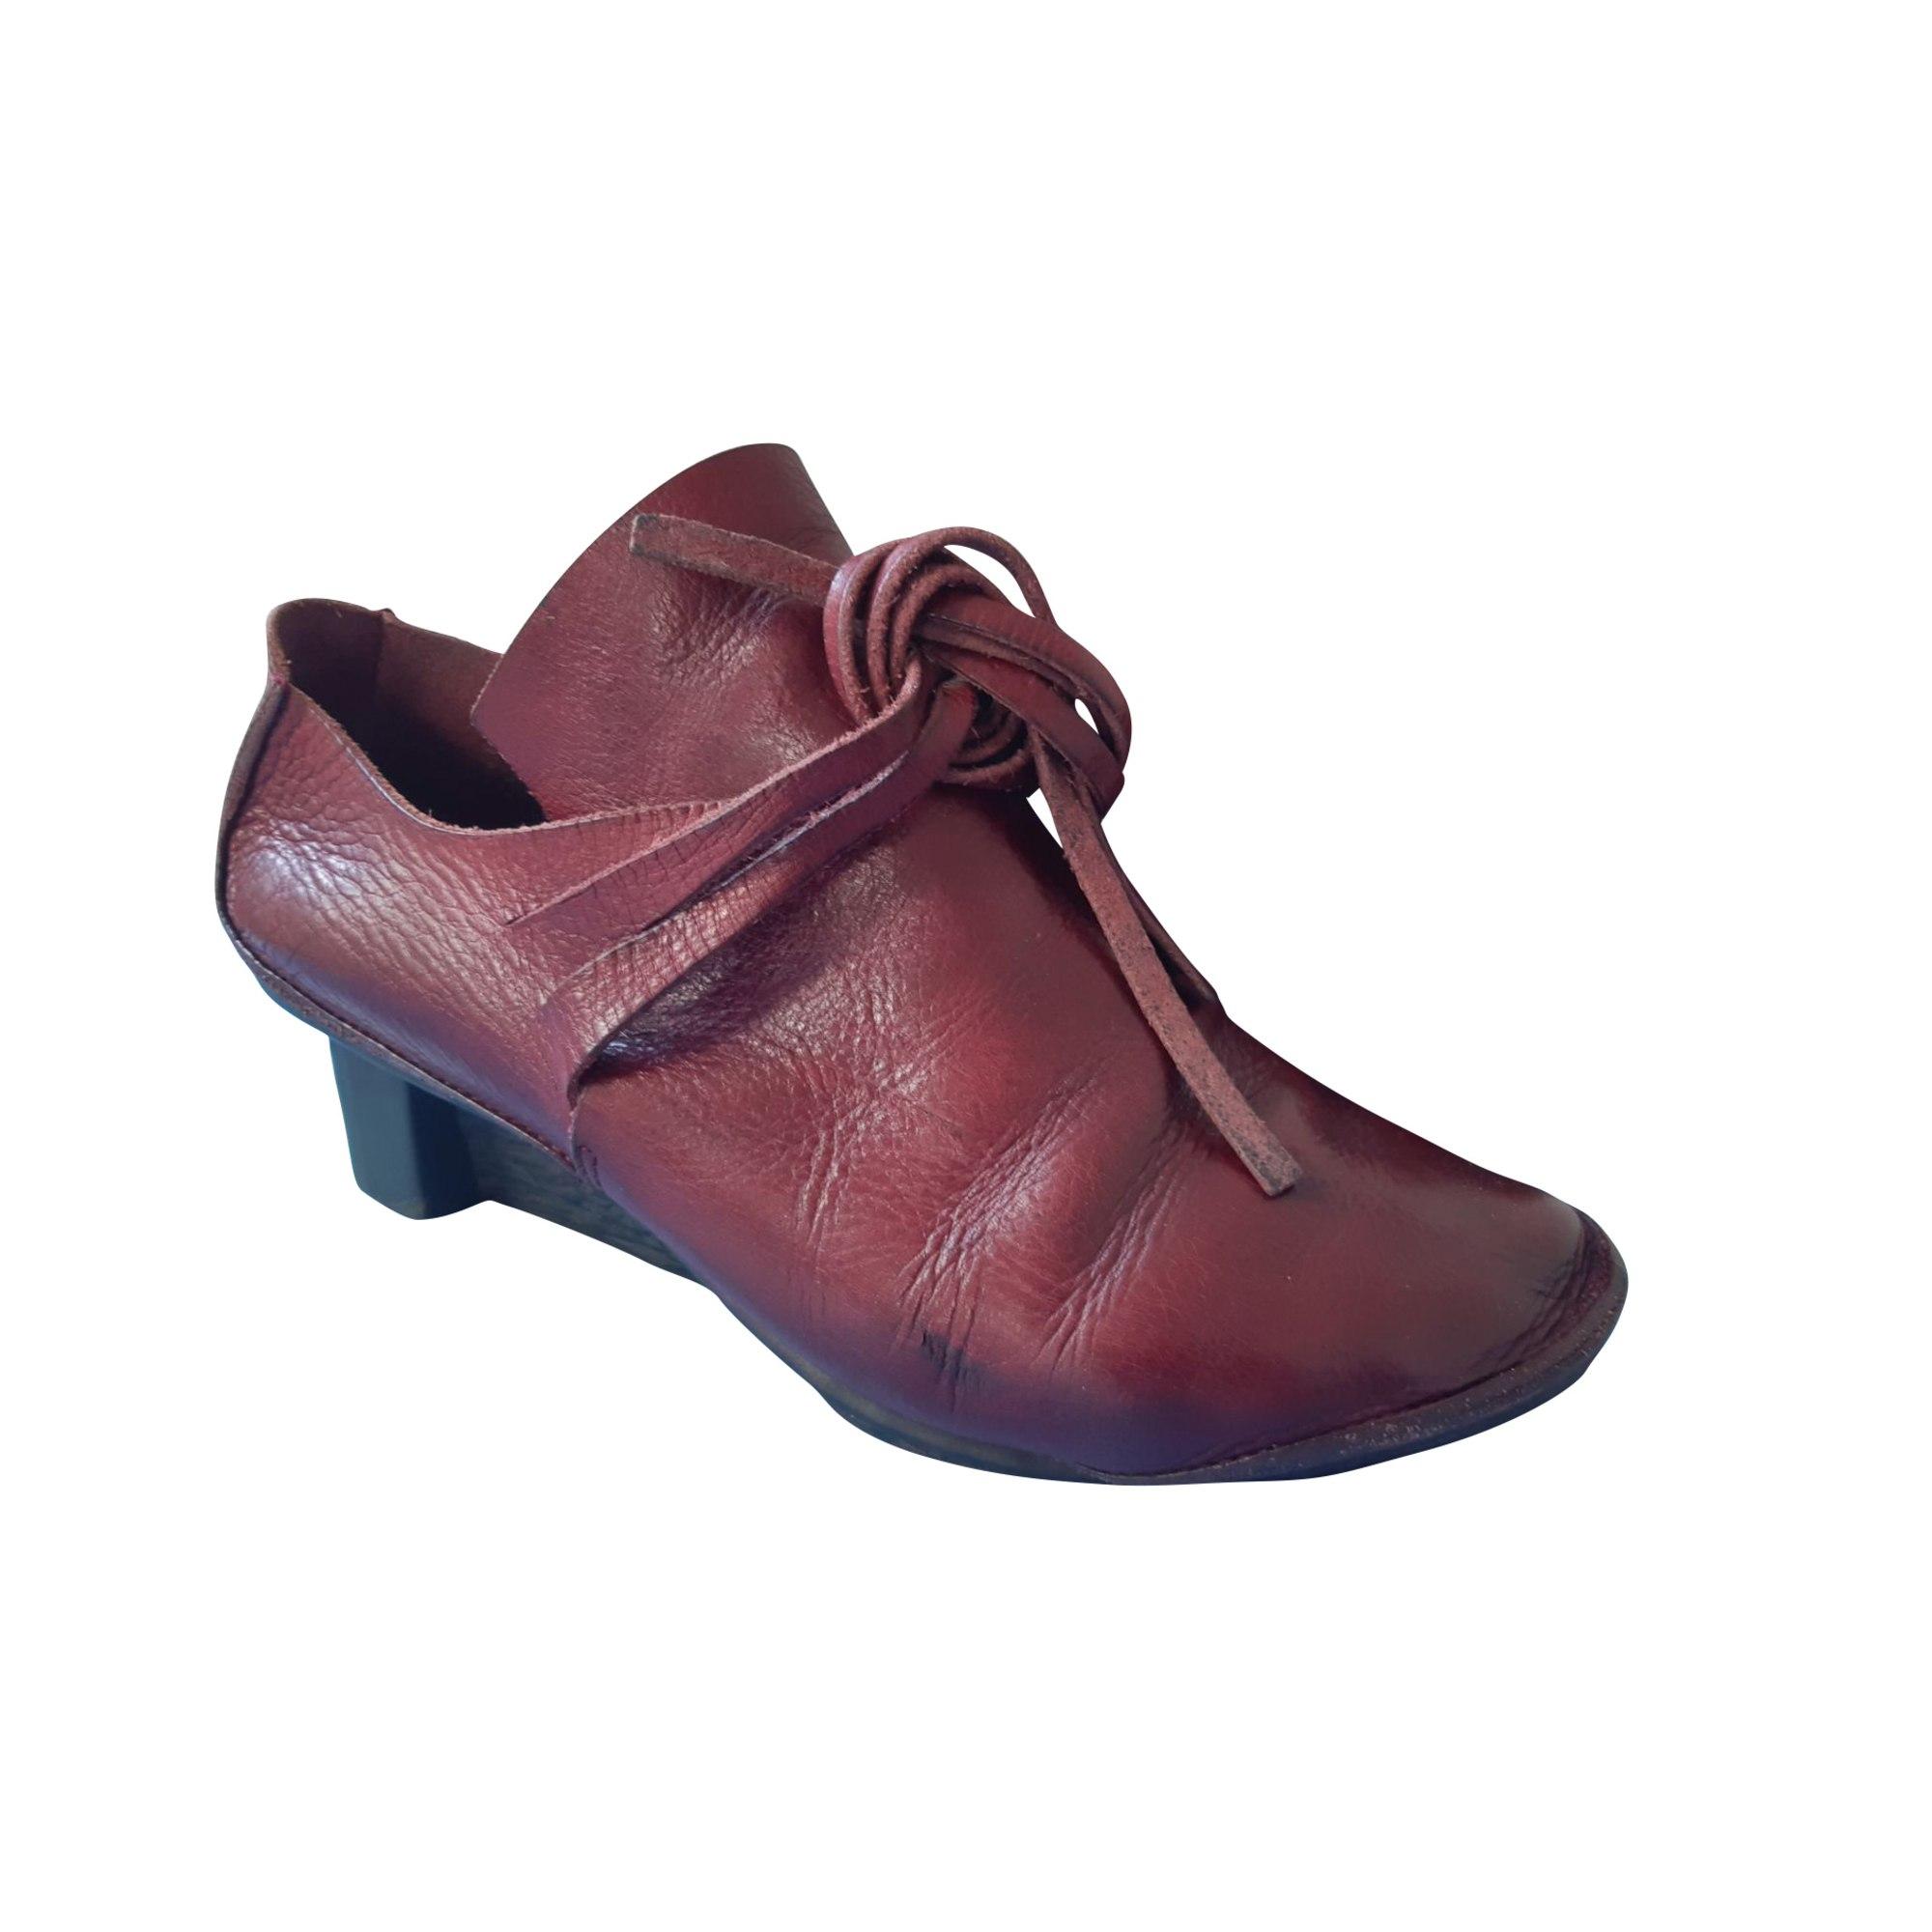 Chaussures à lacets  TRIPPEN Rouge, bordeaux